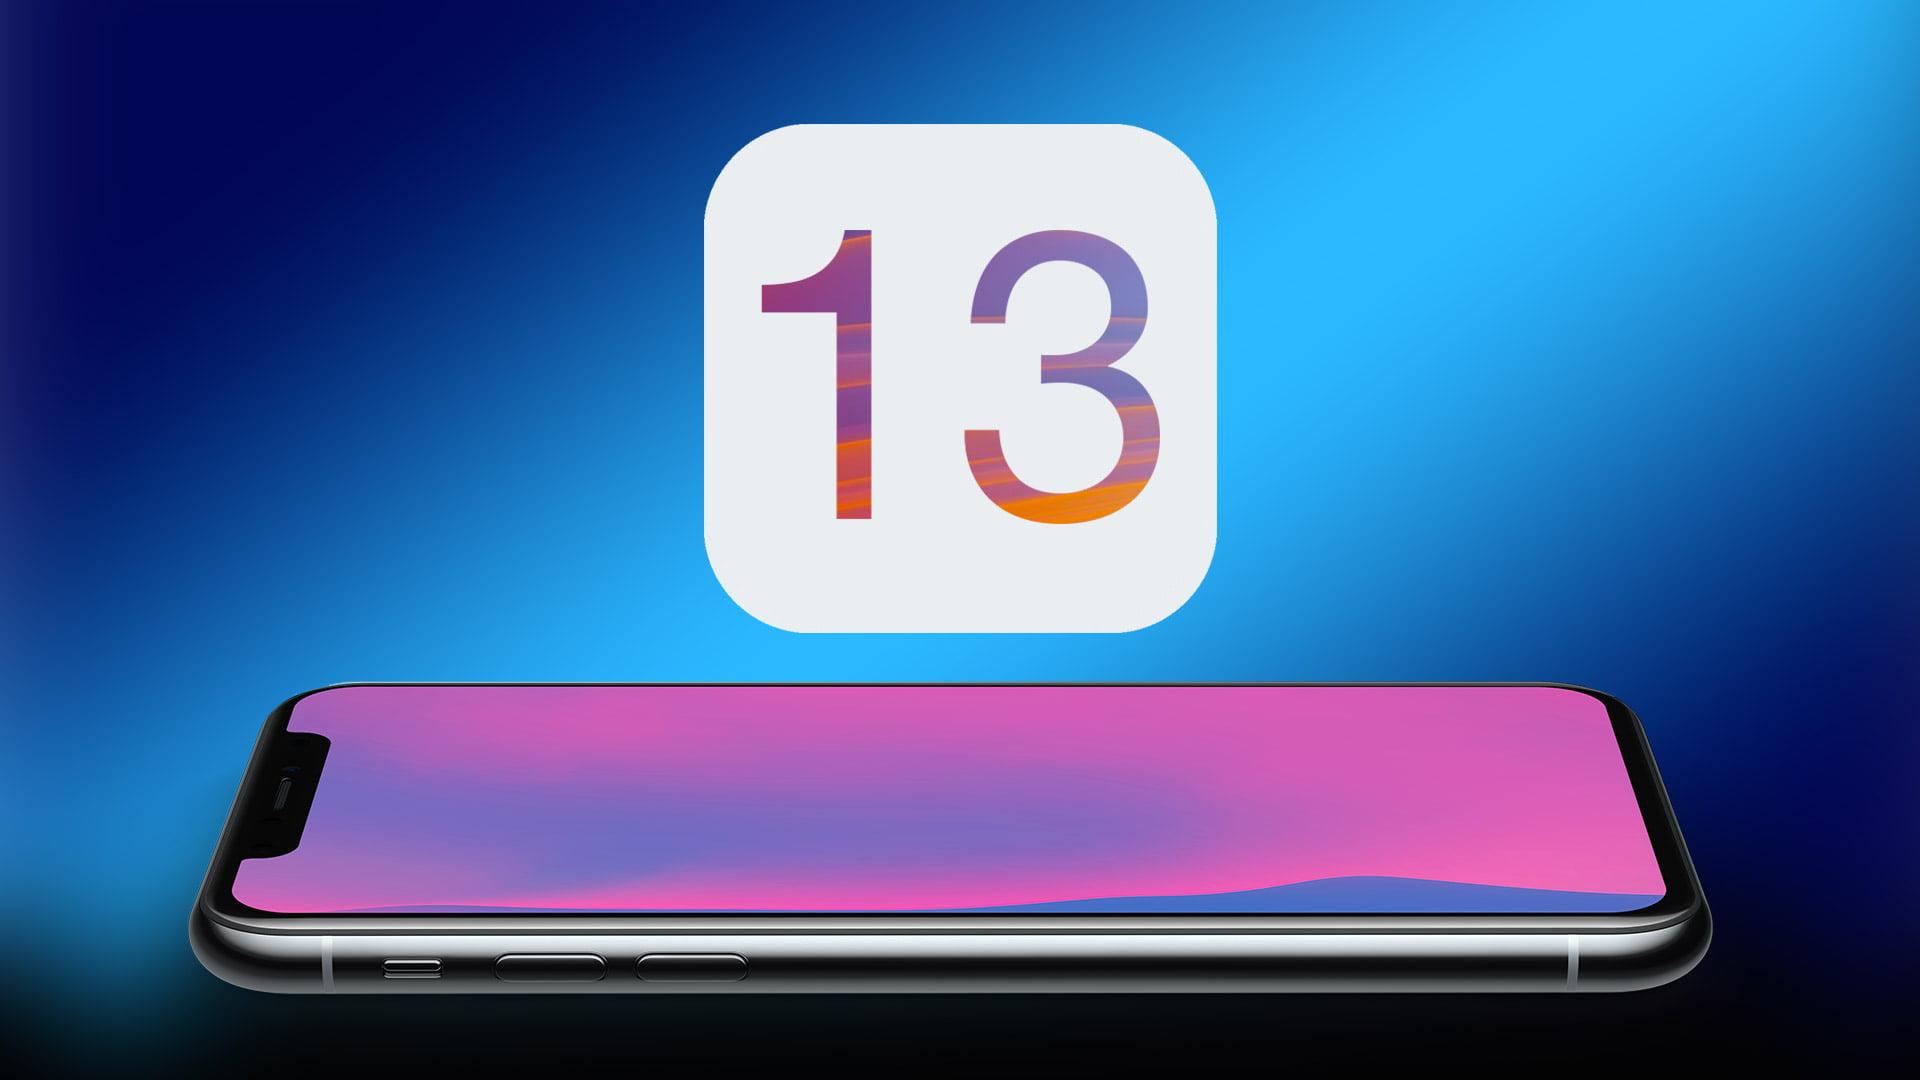 Apple iOS 13: Что нового в последней версии iOS?